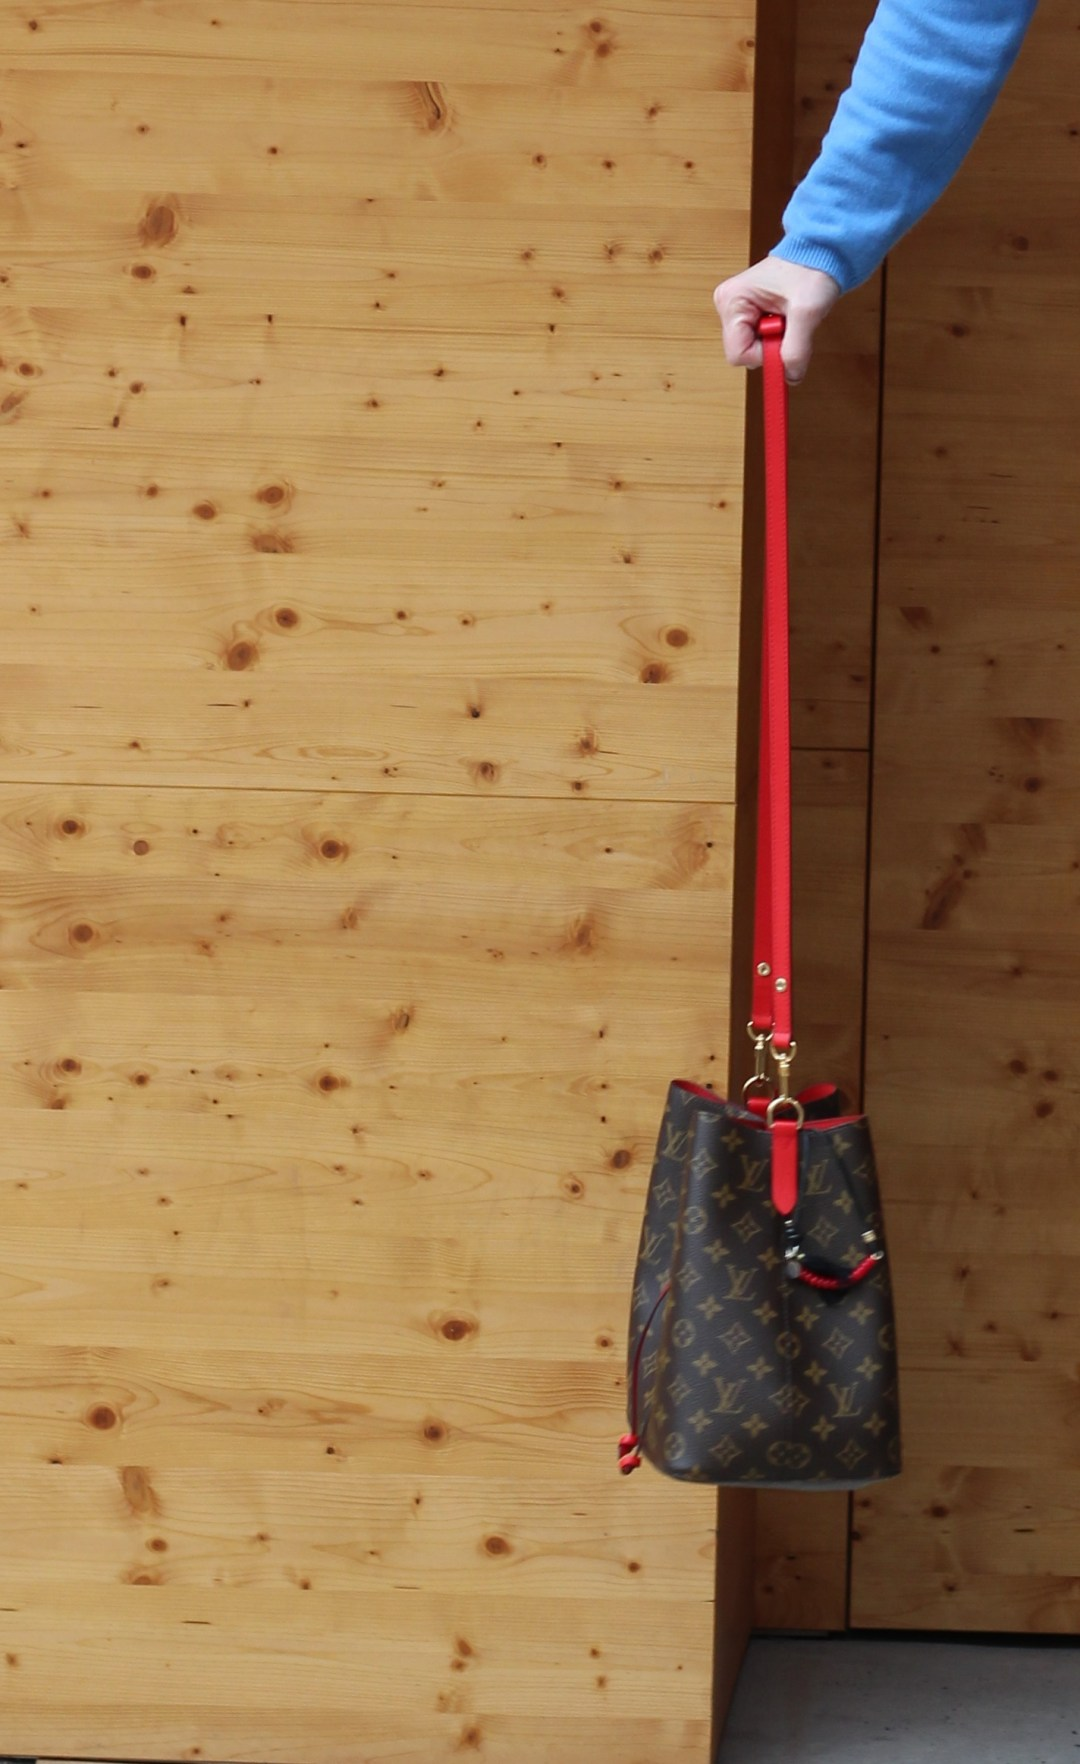 2.94 glamupyourlifestyle bauchtaschen beuteltaschen Taschentrend-2019 Crossbody-Tasche louis-Vuitton-neonoe ü-40-blog ue-50-blog